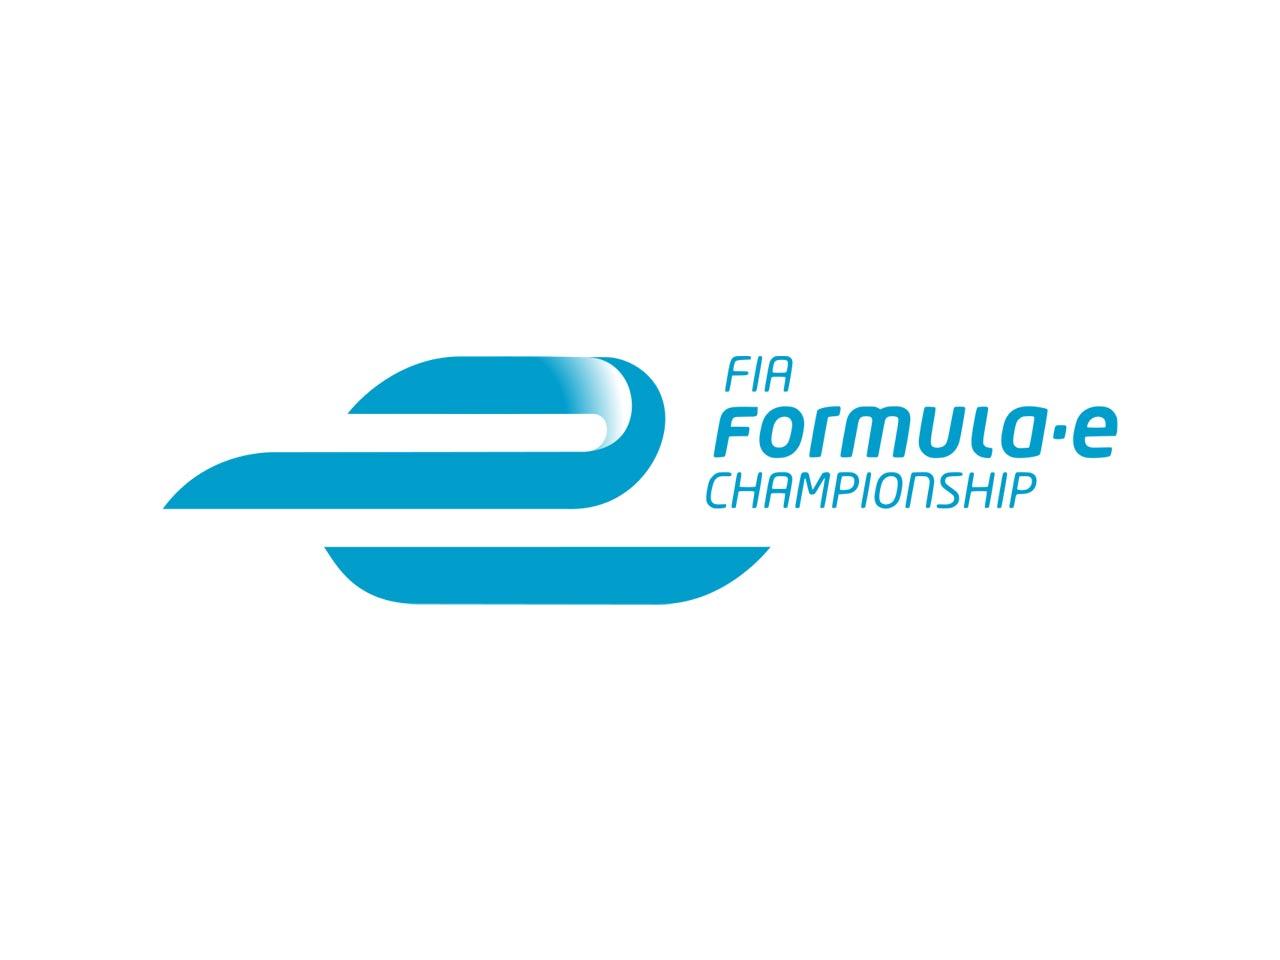 Porsche Porsche planning to enter Formula E